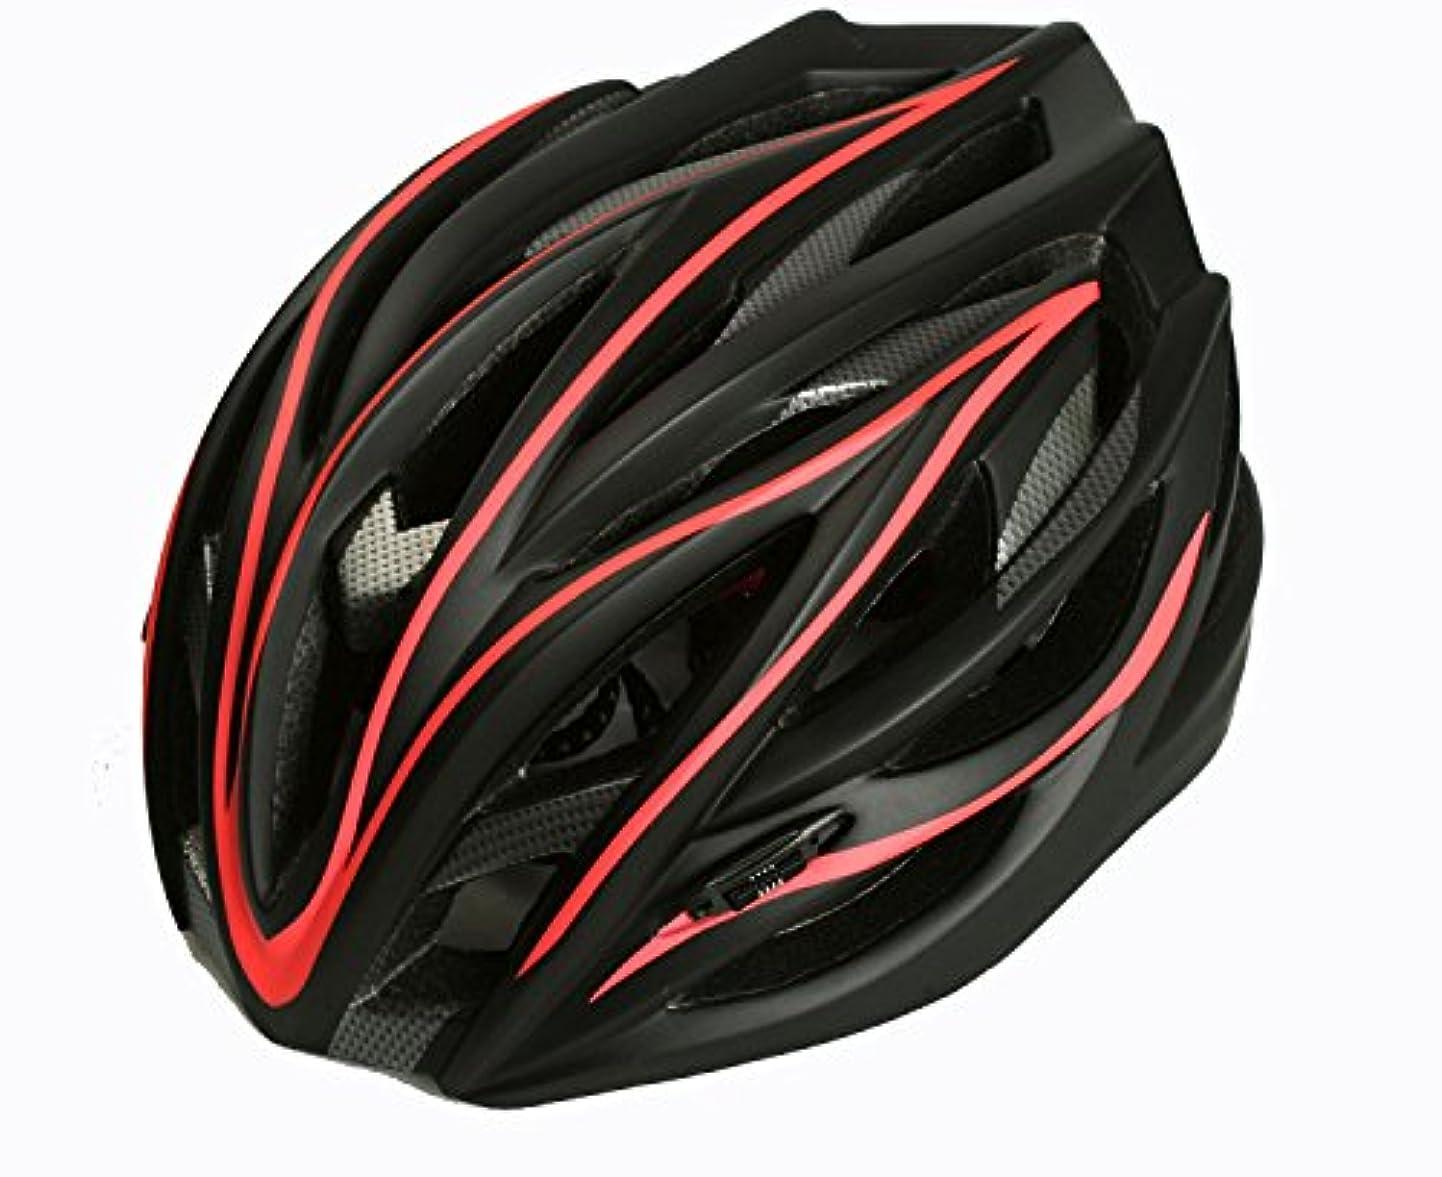 参照カレッジニコチン自転車ヘルメット サイクリング ヘルメット 超軽量 高剛性 男女兼用 ヘルメット通気 大人用 ロードバイク クロスバイク スポーツ サイズ調整可能 大人用